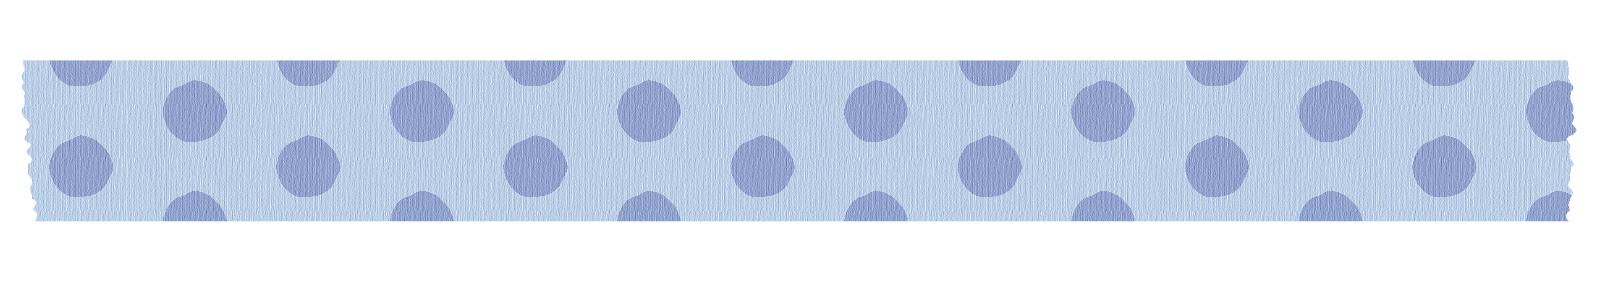 長く切った青い水玉のマスキングテープ